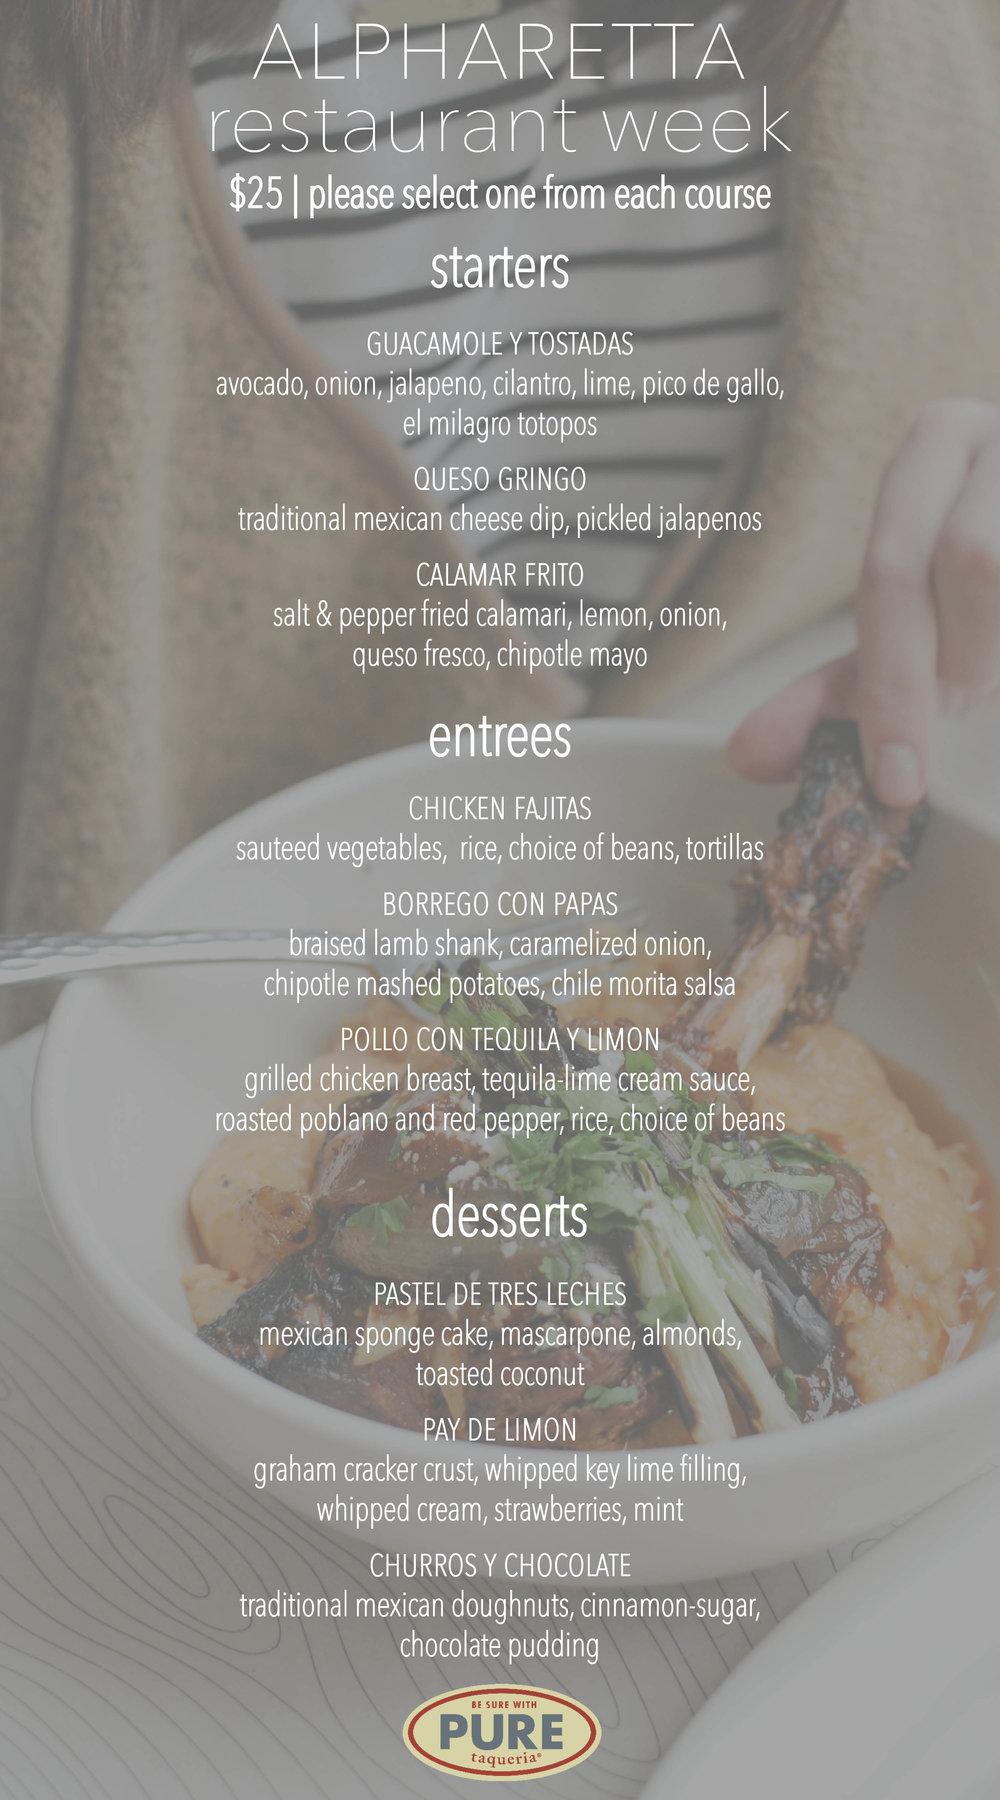 Alpharetta Restaurant Week Menu.jpg